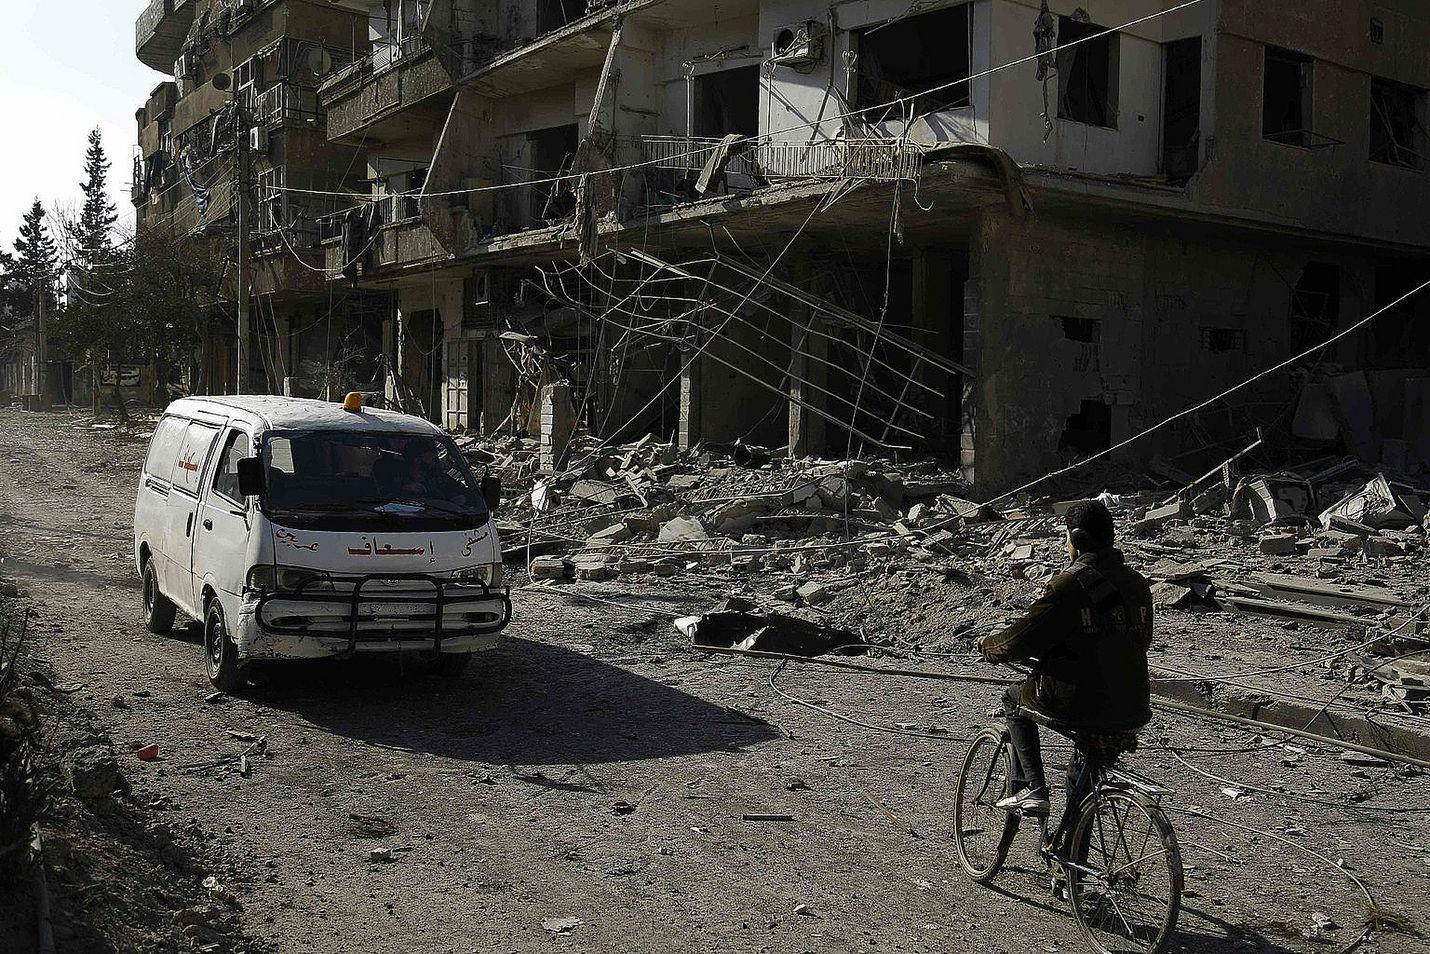 Syyrian sisällissota on kestänyt viisi vuotta. Suomalaisasiantuntijan mukaan sodan päättyminen ei ole näköpiirissä. Kuva on  Hammuriyehista kapinallisten hallussaan pitämältä Itä-Ghoutan alueelta.